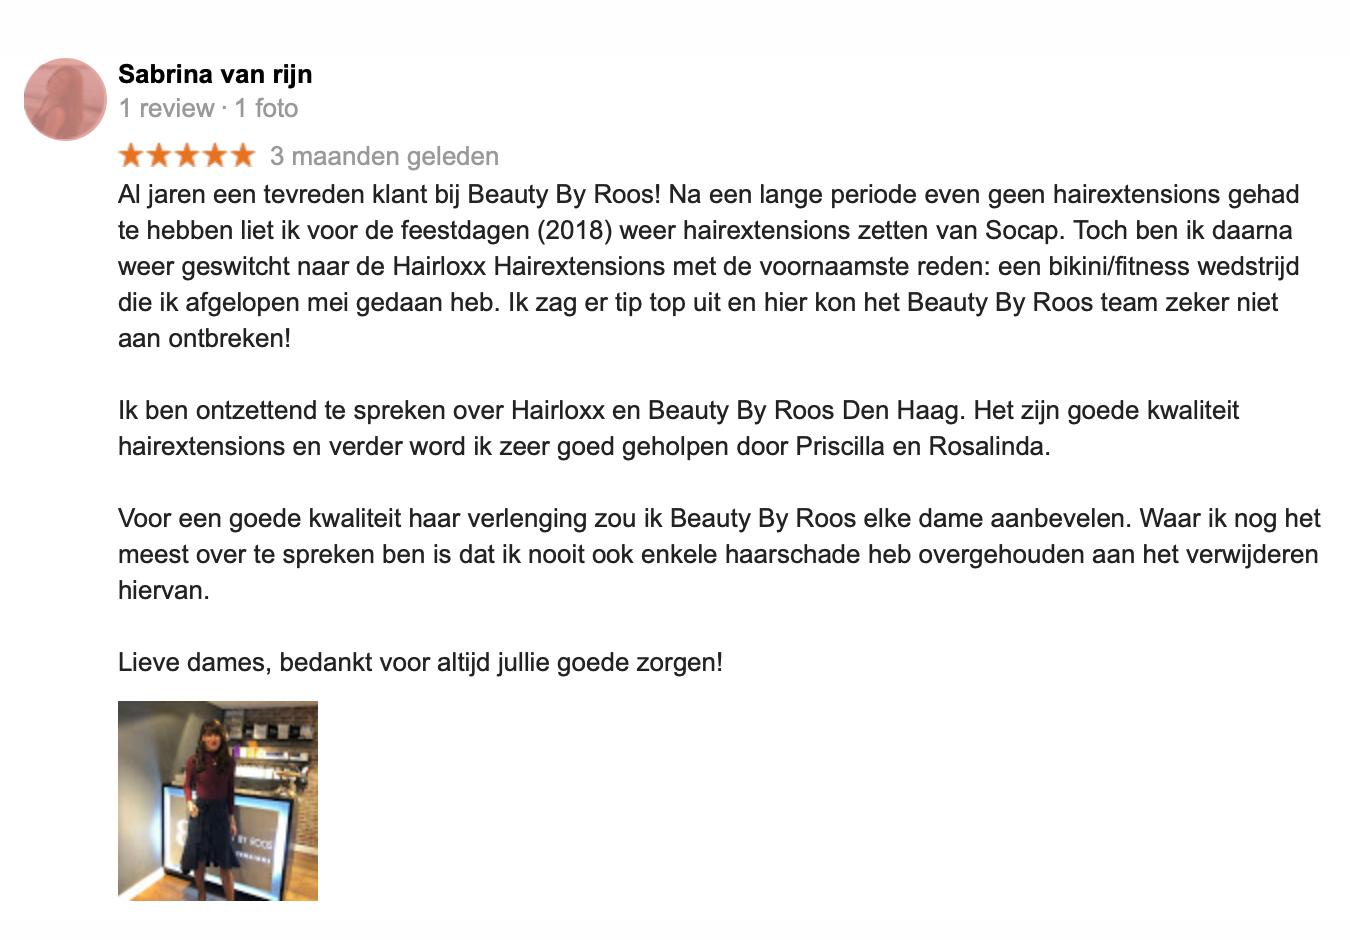 Hairextensions plaatsen salon Den Haag